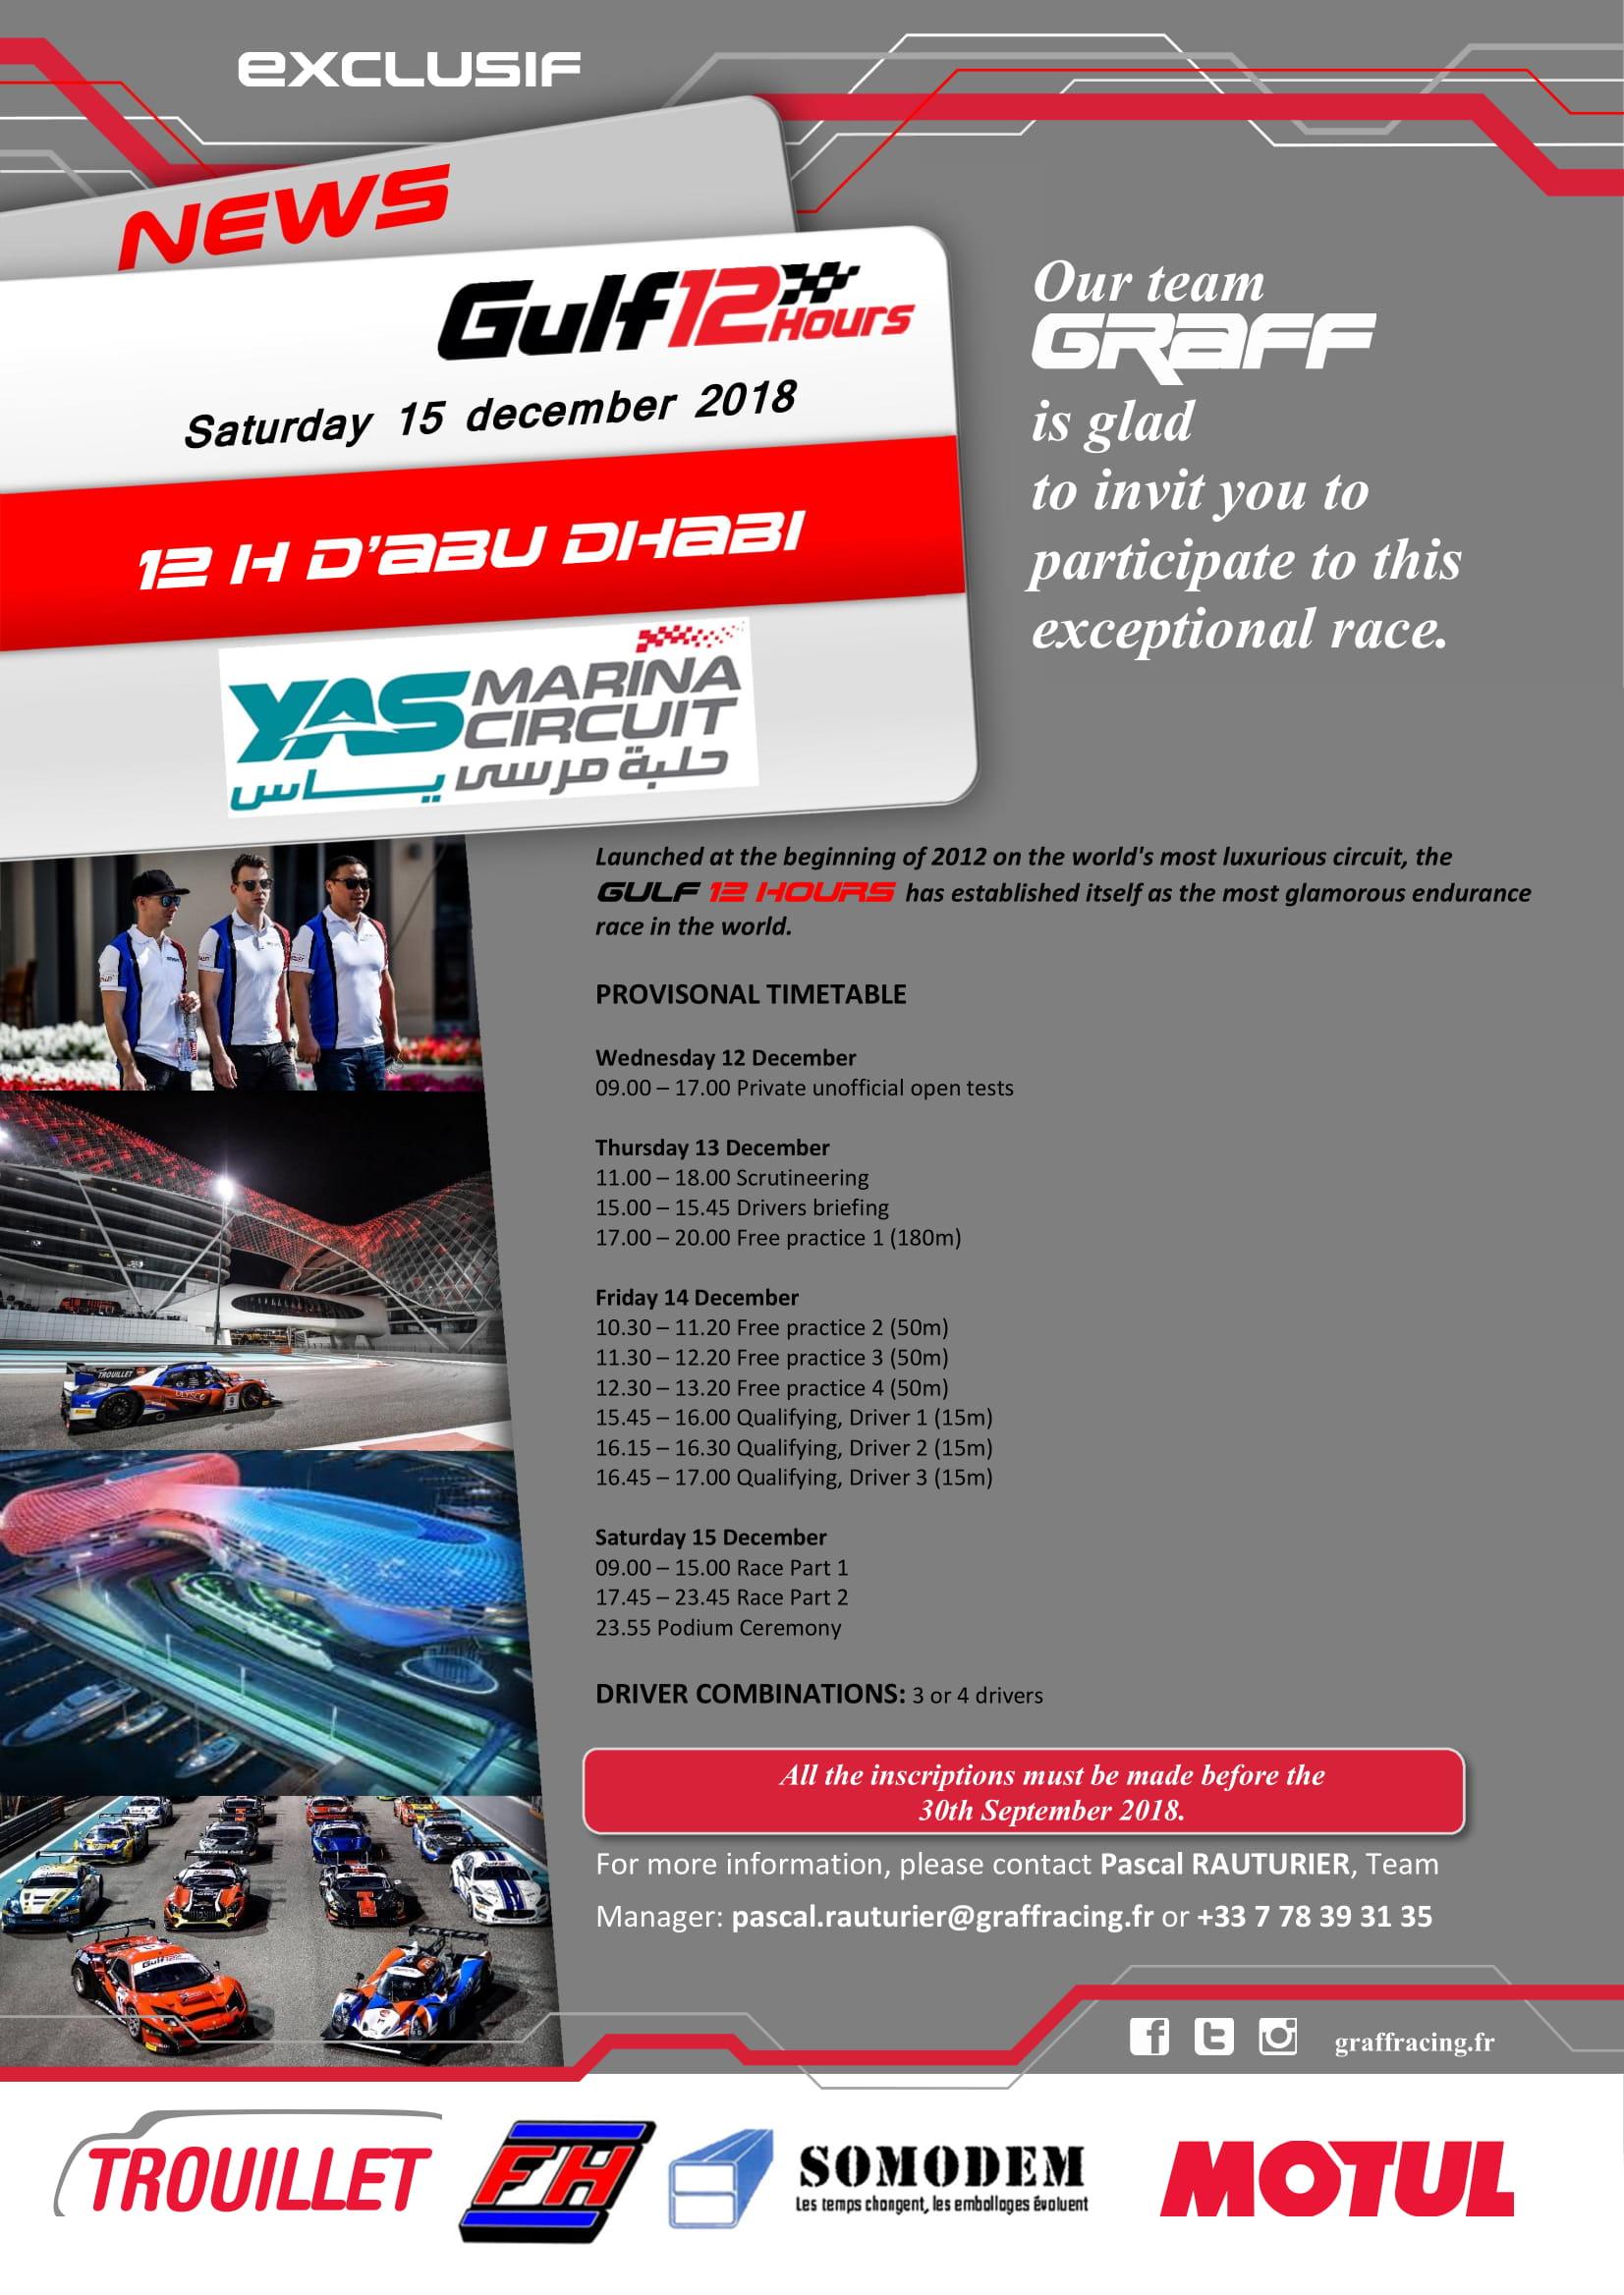 INVITATION Graff - 12 H D'Abu Dhabi 2018 - Team Graff-1.jpg